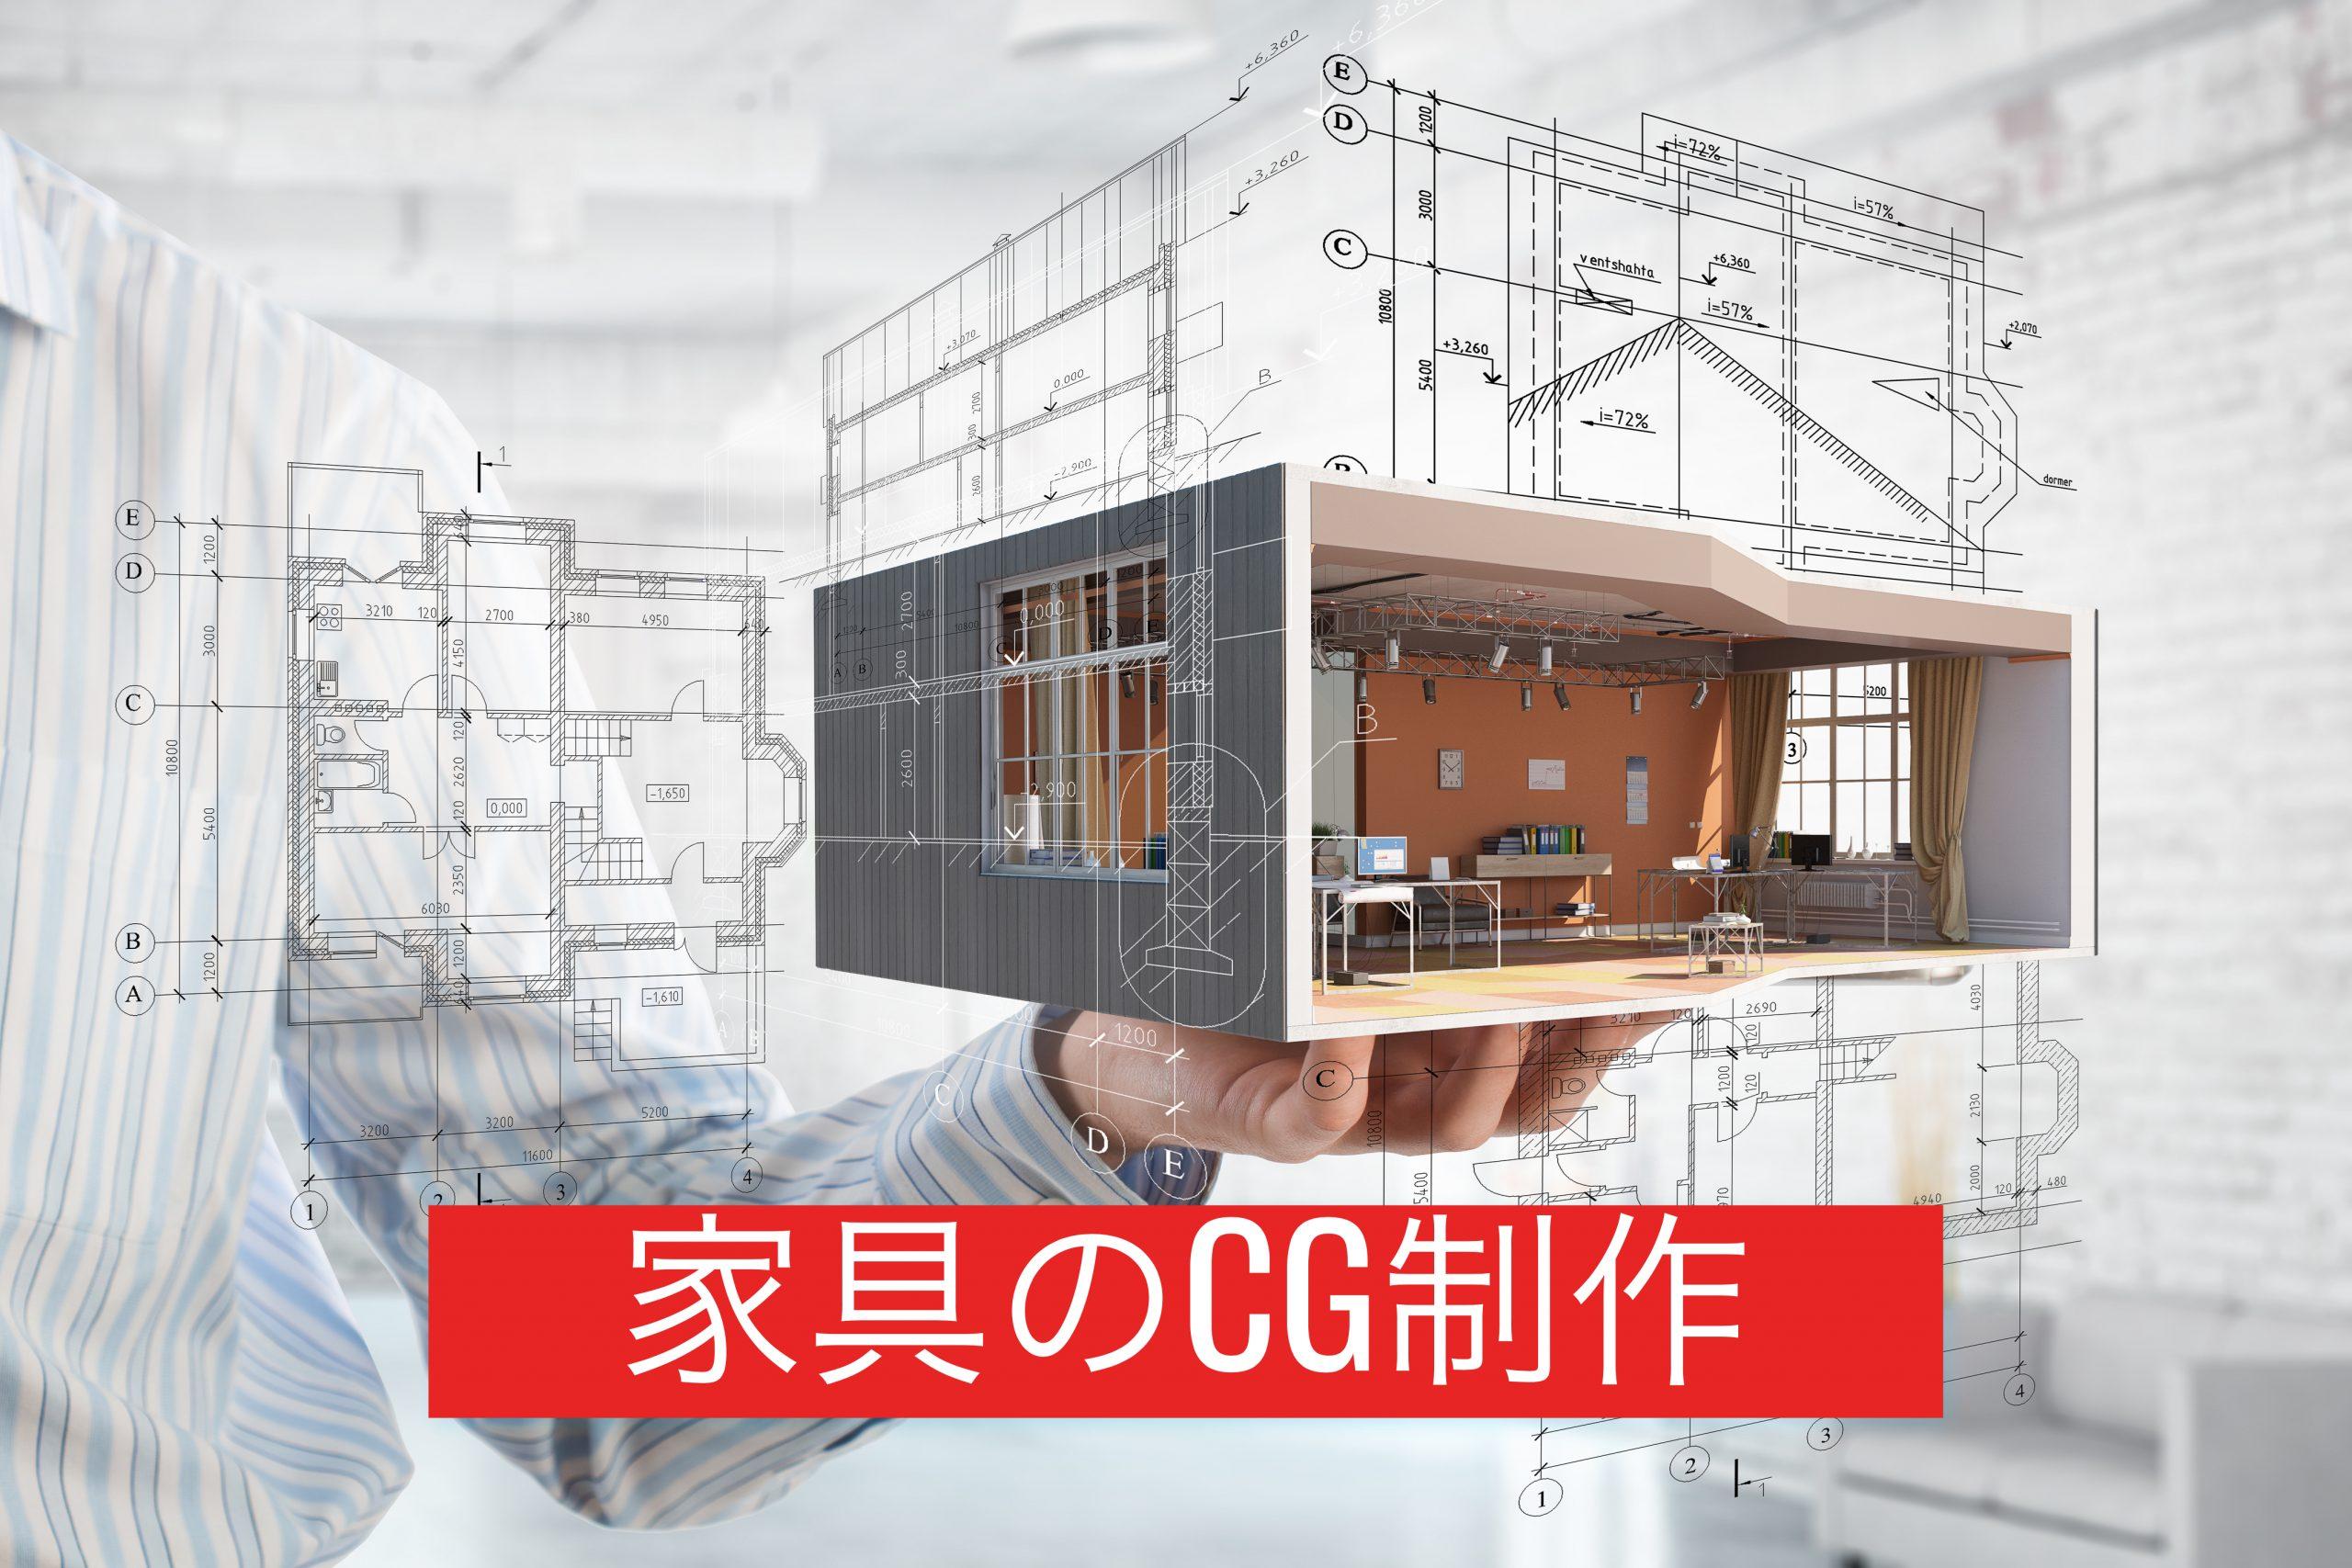 インテリアシミュレーションWEBアプリ向け家具の3DCGモデリング